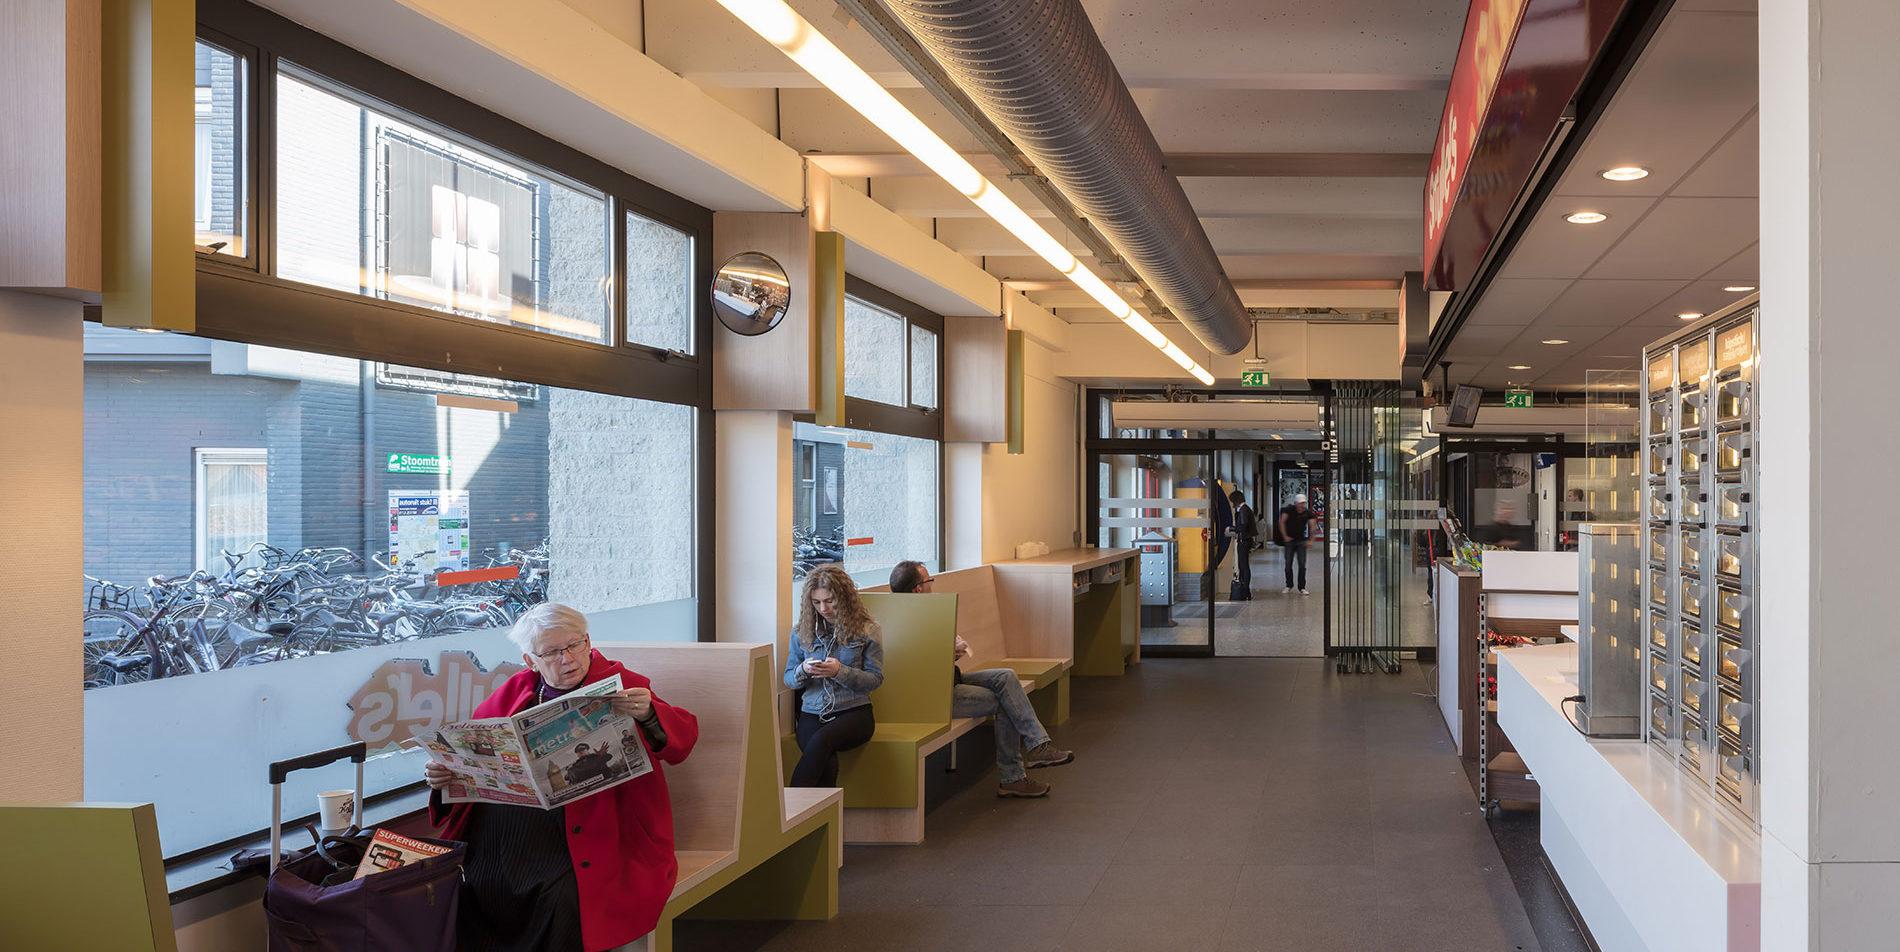 prettig-wachten-station-goes-ontworpen-door-architect-tjerk-van-de-lune-studiosk-movares-1